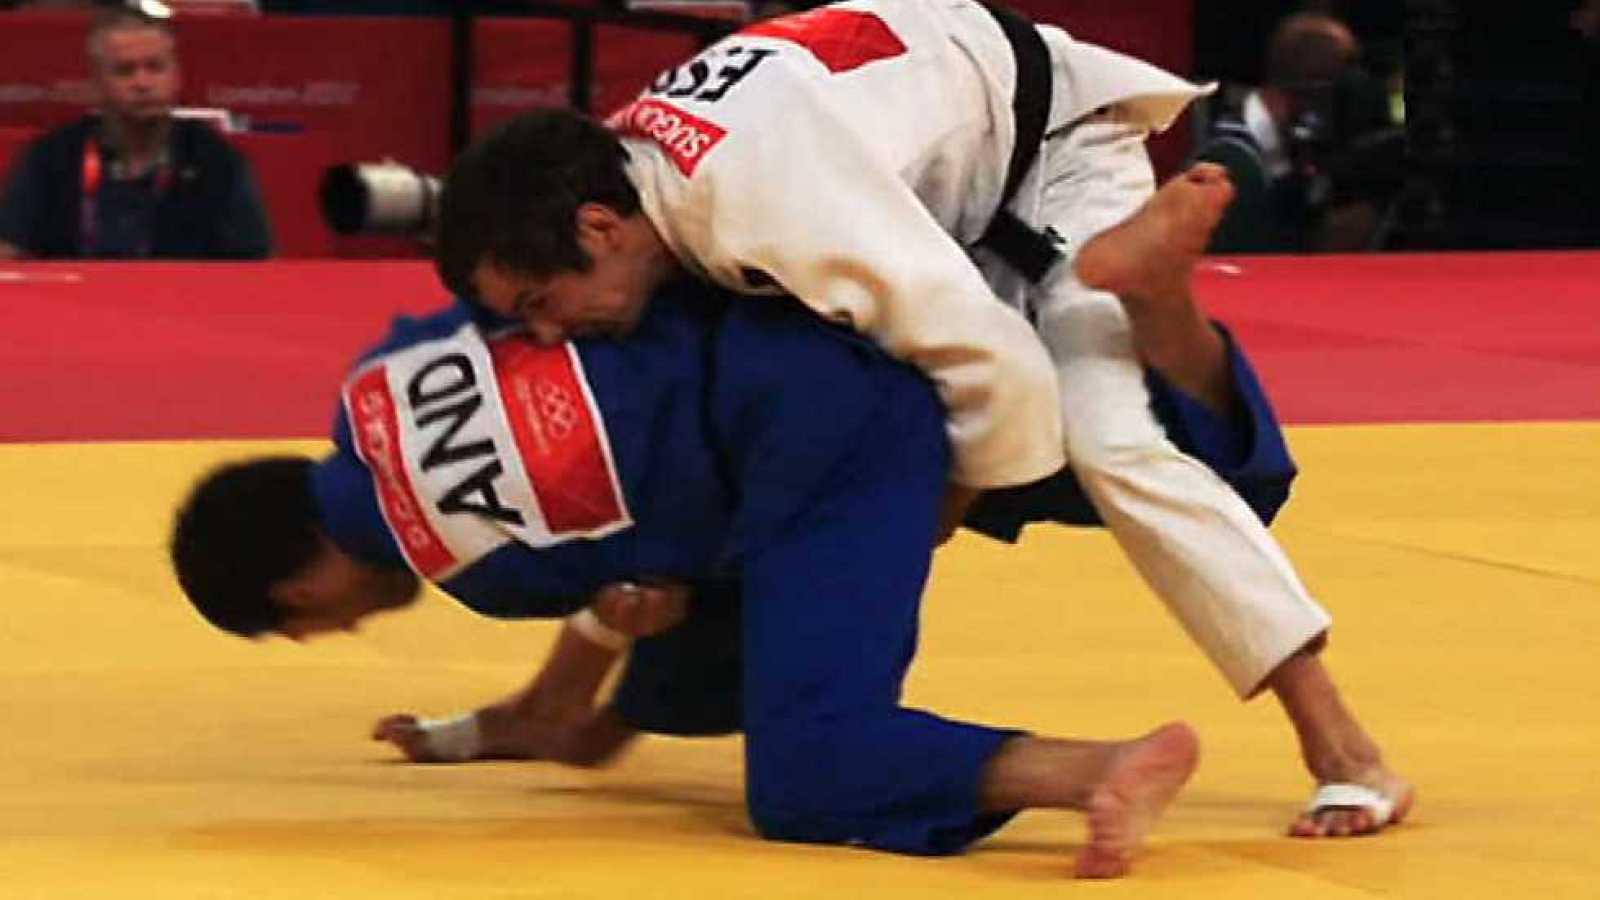 Objetivo Río - Programa 116 - Judo - ver ahora